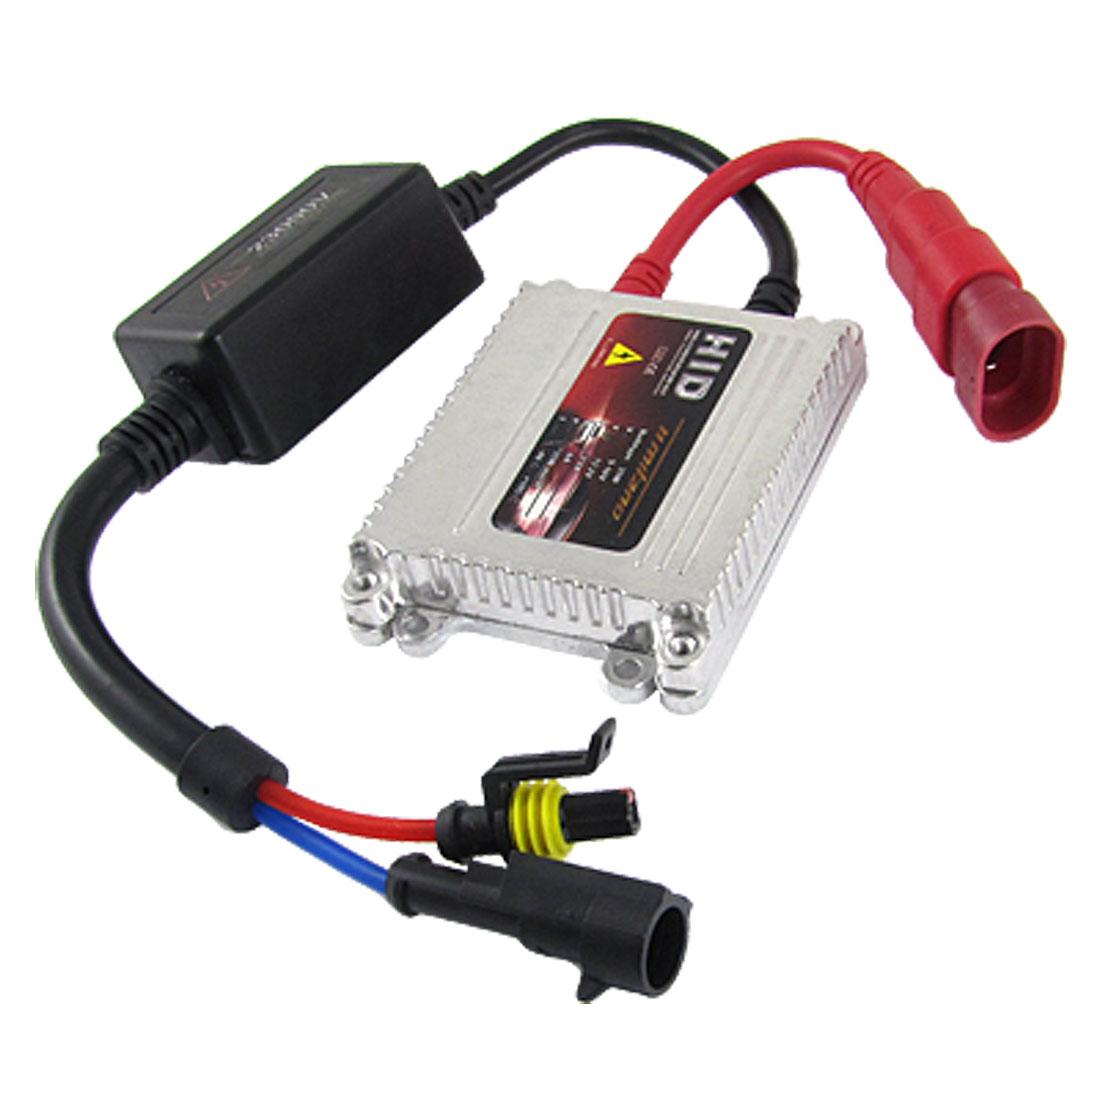 Silver Tone 35W HID Xenon Slim Ballast Conversion Kit for Car Headlight